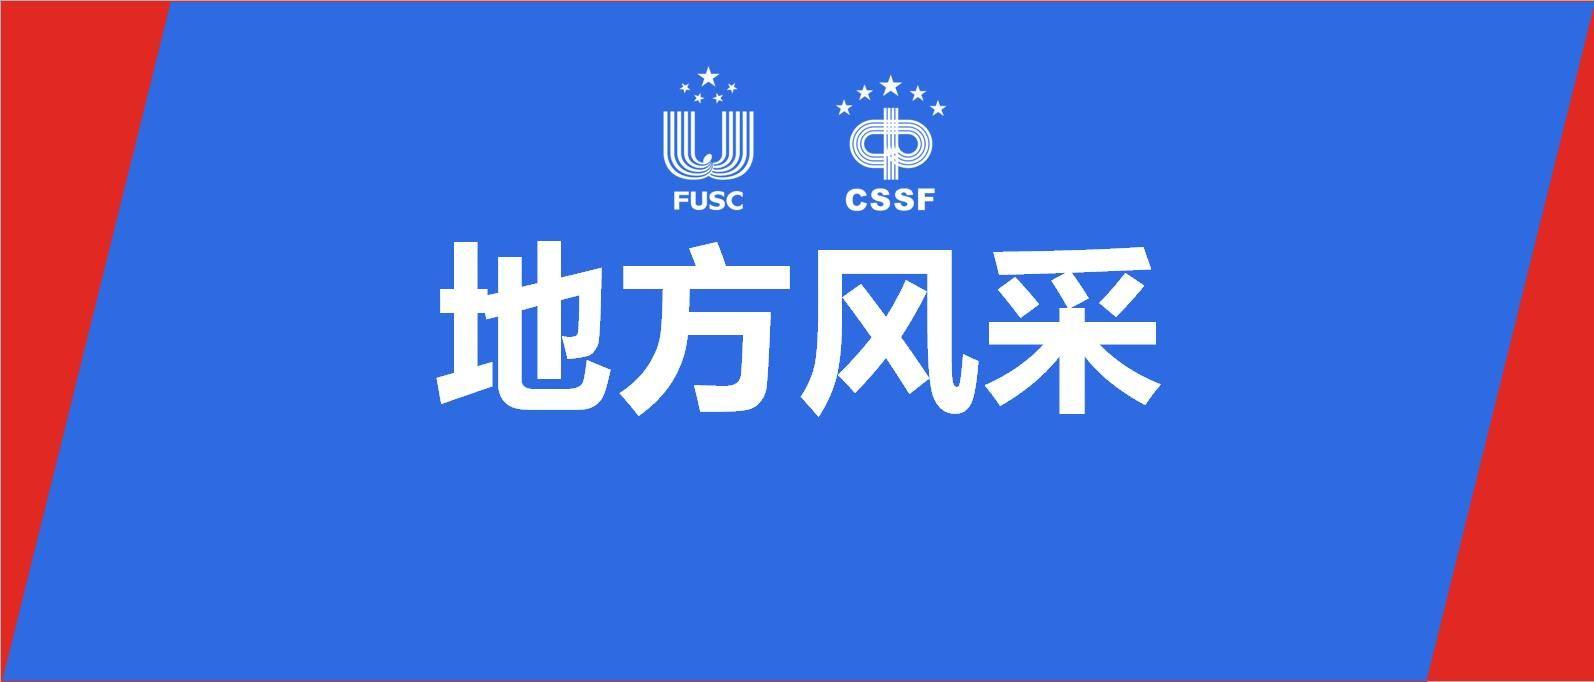 重庆:中小学体育课有序开展